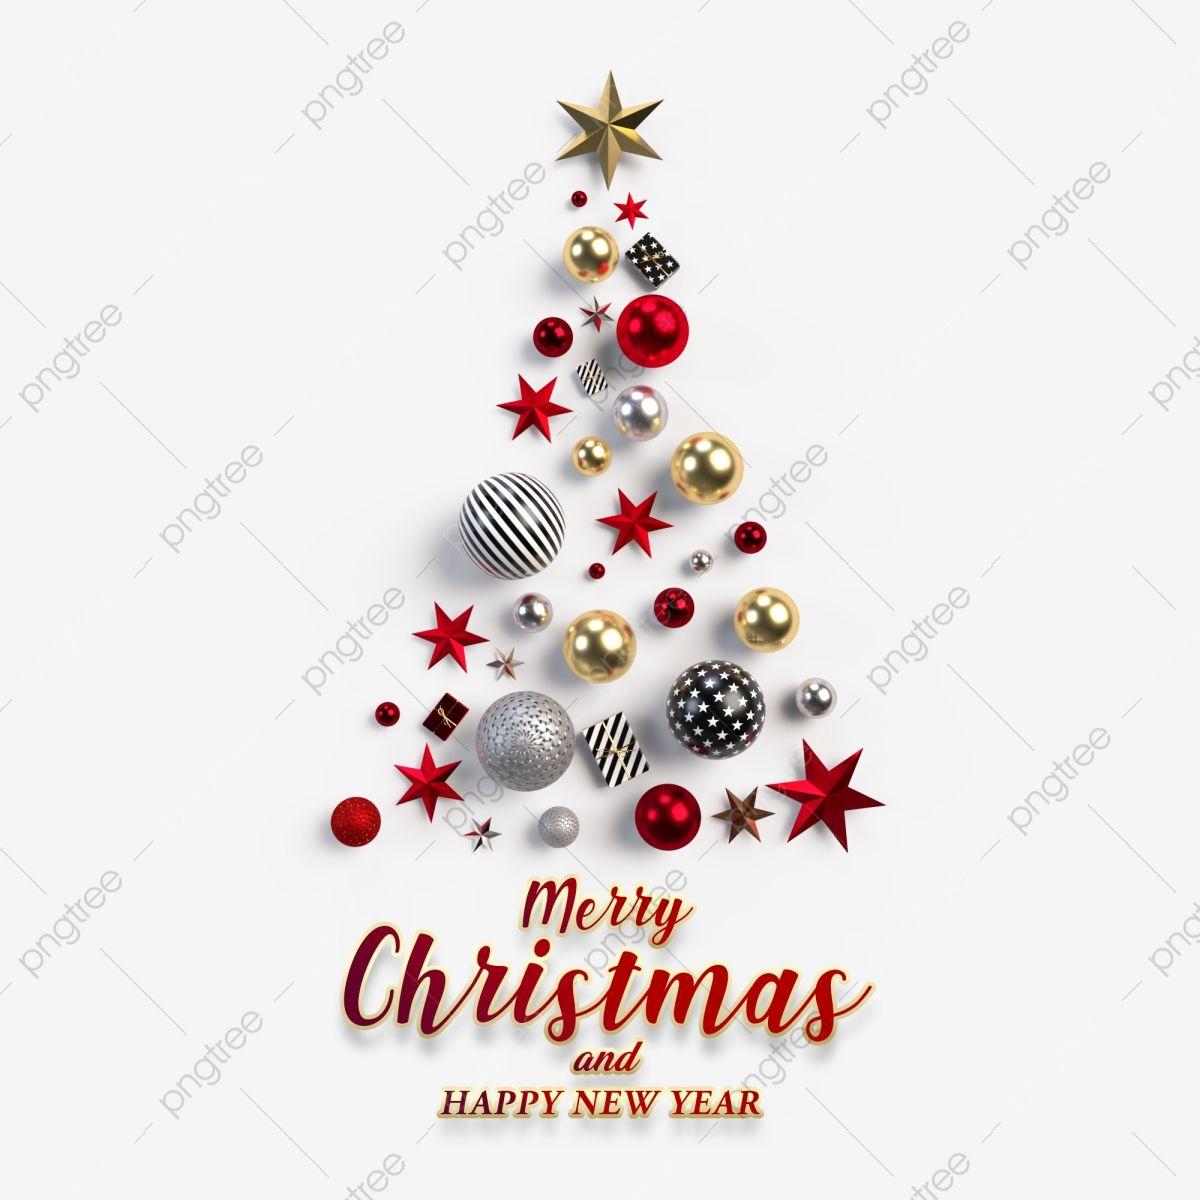 Arvore De Natal Com Estrelas Vermelhas E Bolas De Ouro Feliz Natal Feliz Natal Clipart Cartao De Natal Vermelho Imagem Png E Psd Para Download Gratuito Christmas Tree Clipart Christmas Tree